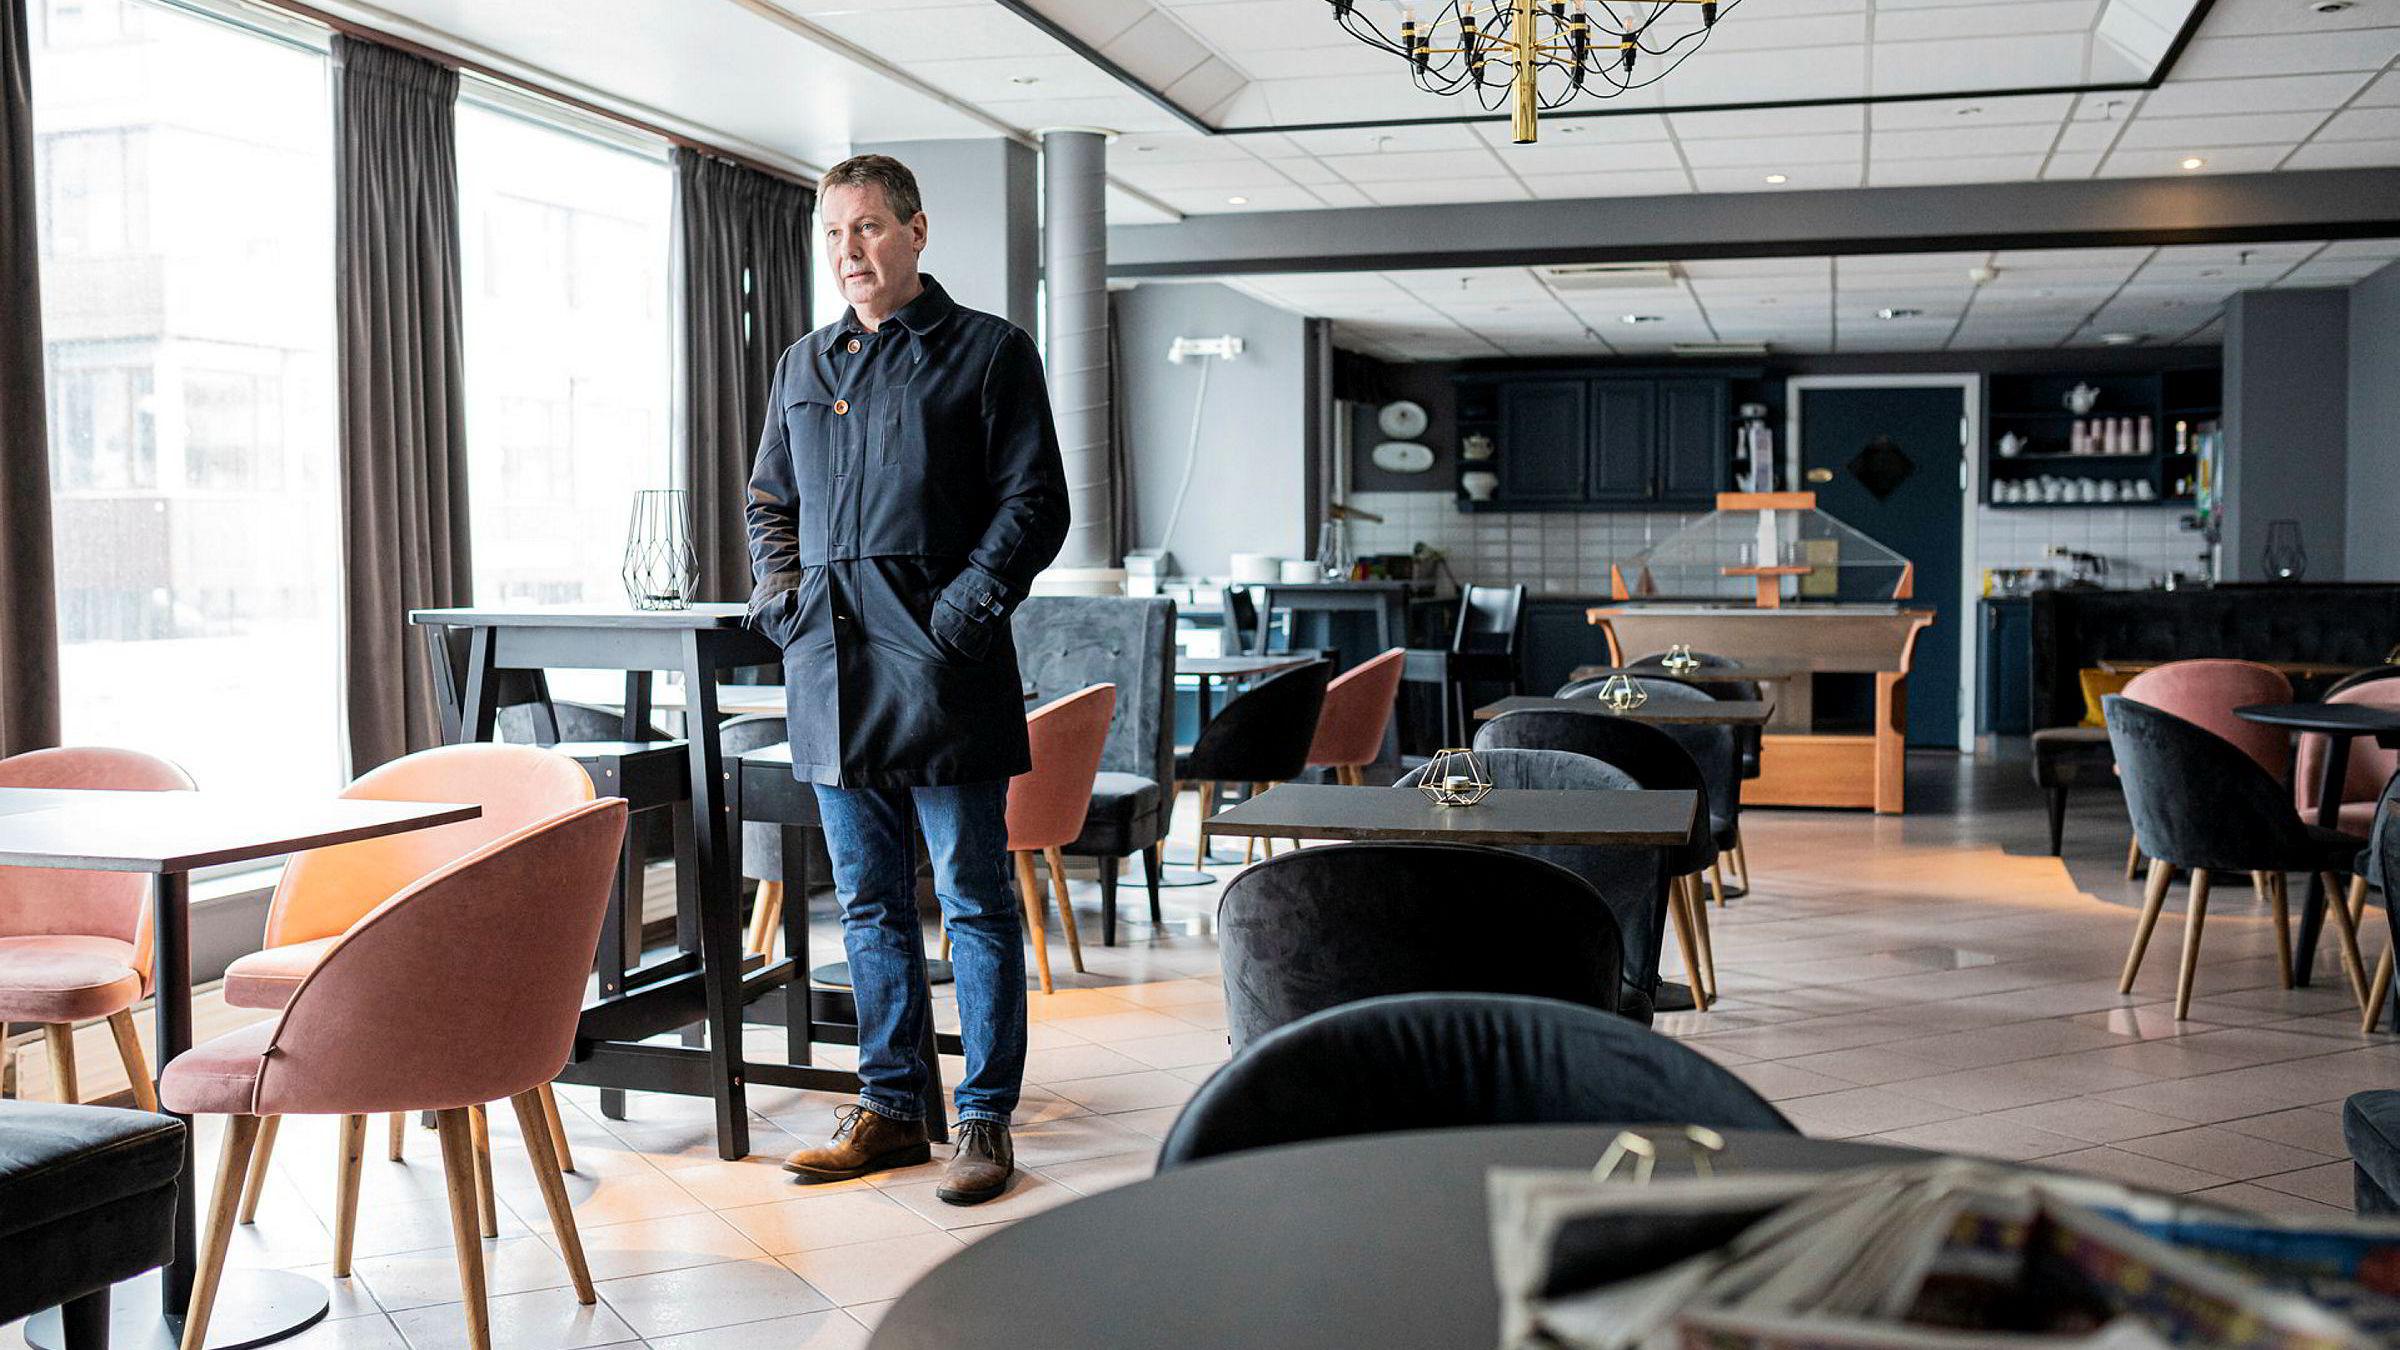 Stengt hotell: Idar Gabrielsen, eier av hotellkjeden Enter i Tromsø, har lagt ned driften av fire av sine fem hoteller etter utbruddet av koronaviruset. Foto: Marius Fiskum